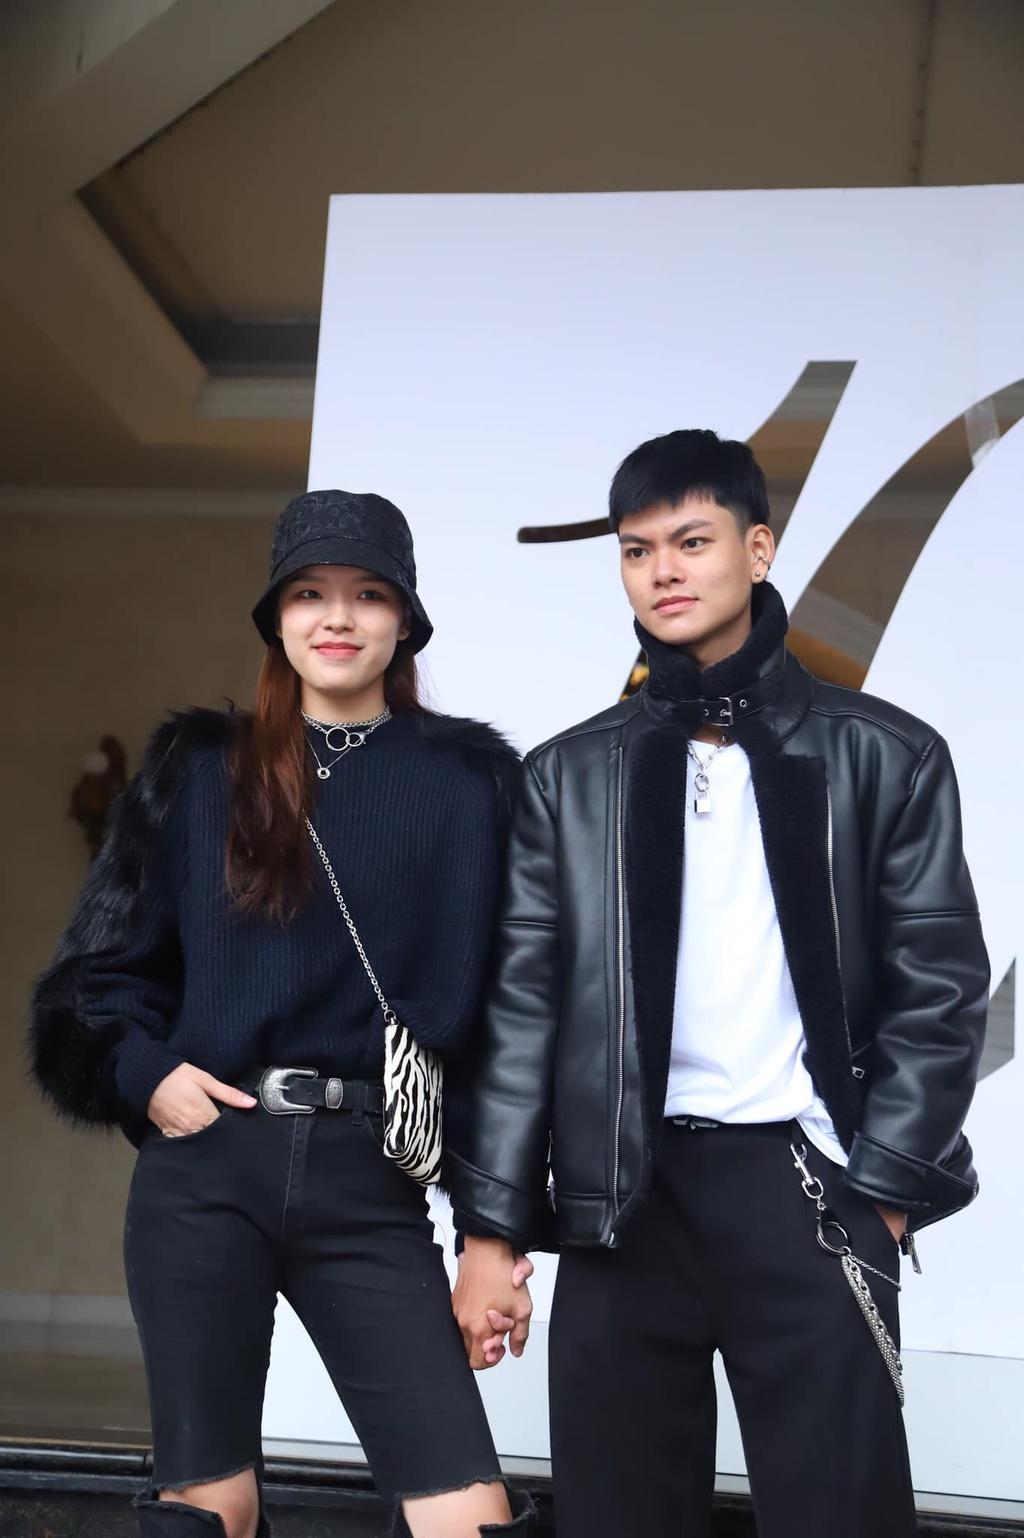 Nhung ban tre nao gianh giai street style tai pho Trang Tien? hinh anh 4